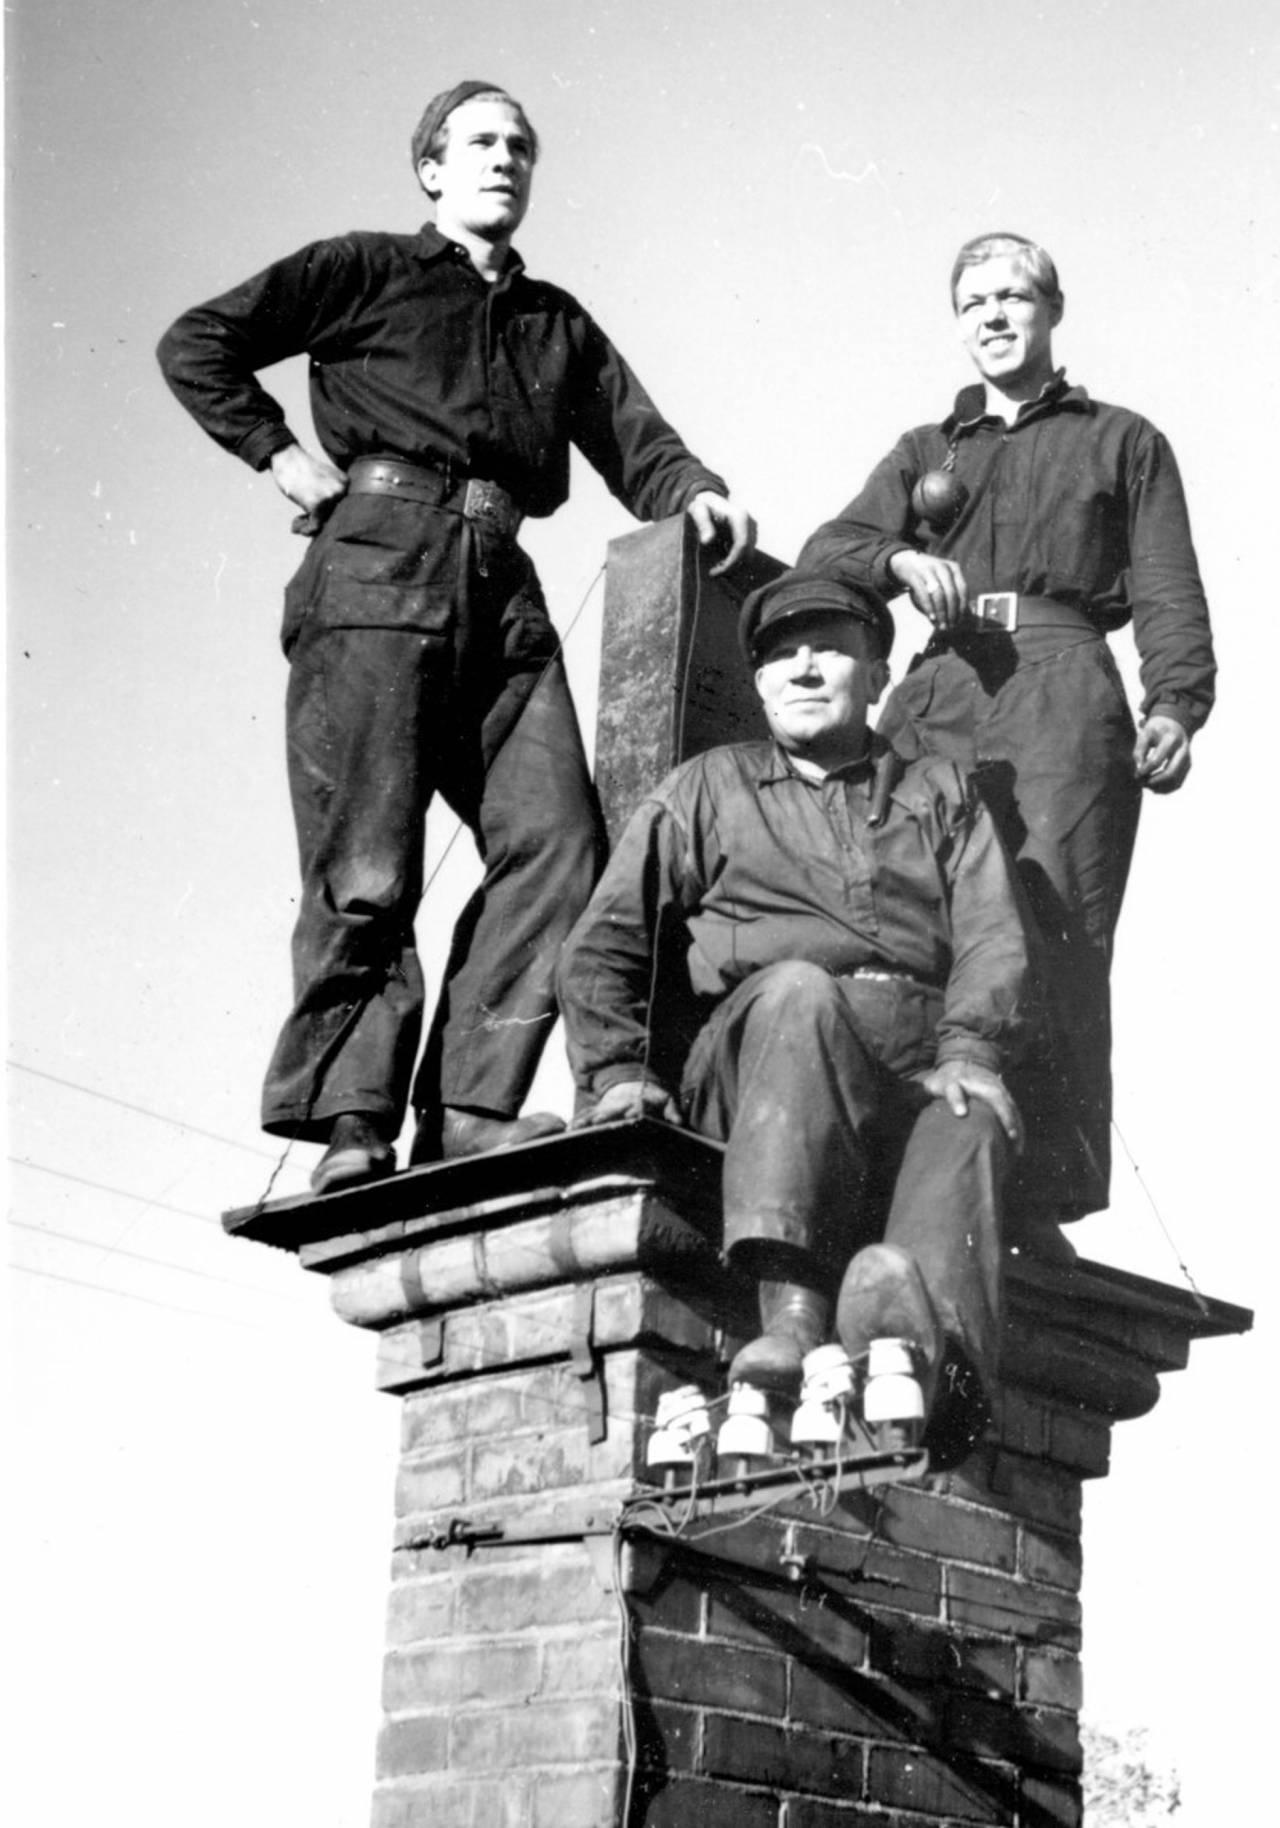 Från vänster; Annettes far Alf Dahlström, Beorg Dahlström (hennes farfar) och Kjell Westerlund.